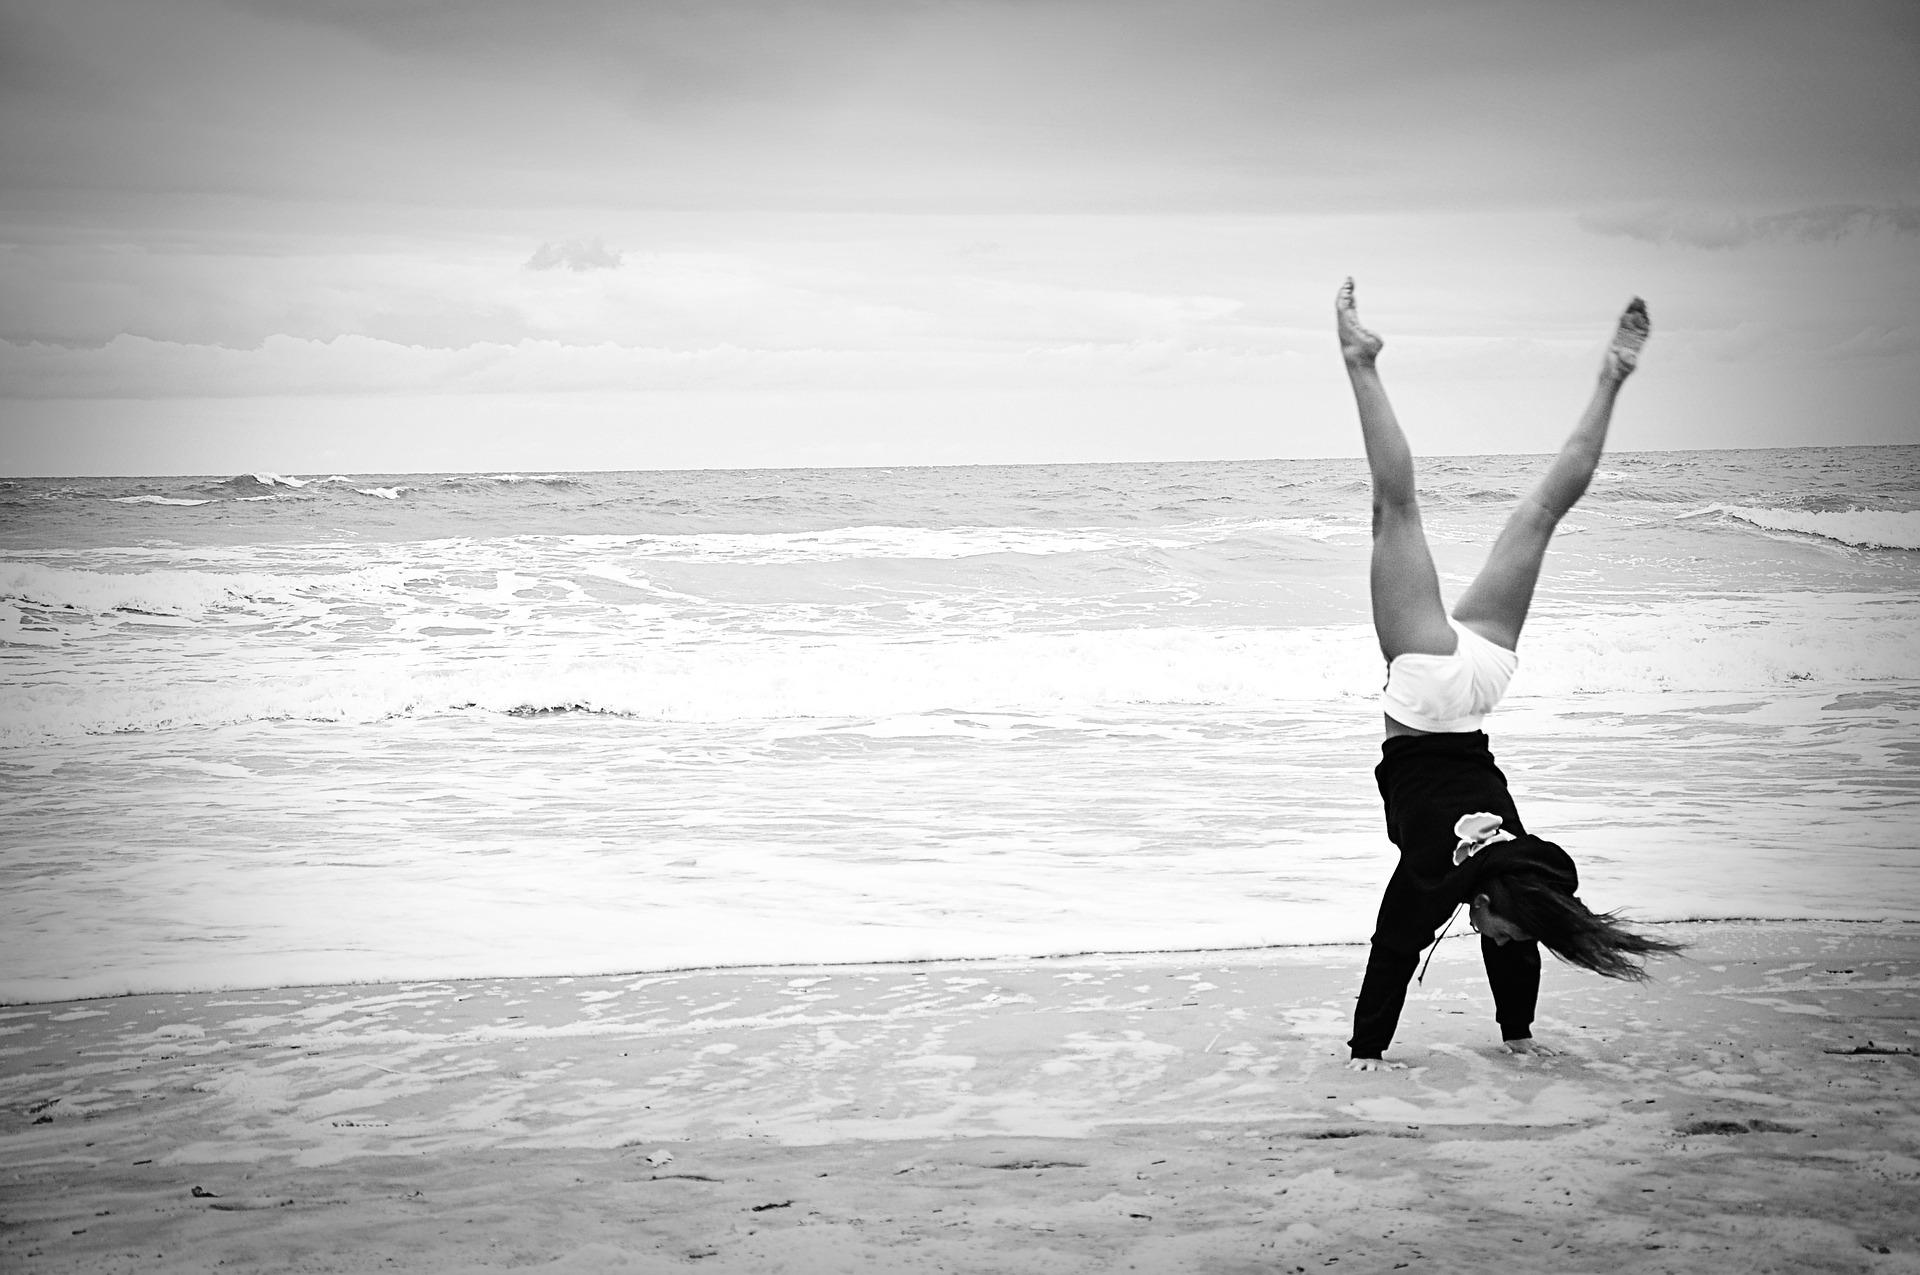 woman cartwheeling enjoying her wellbeing